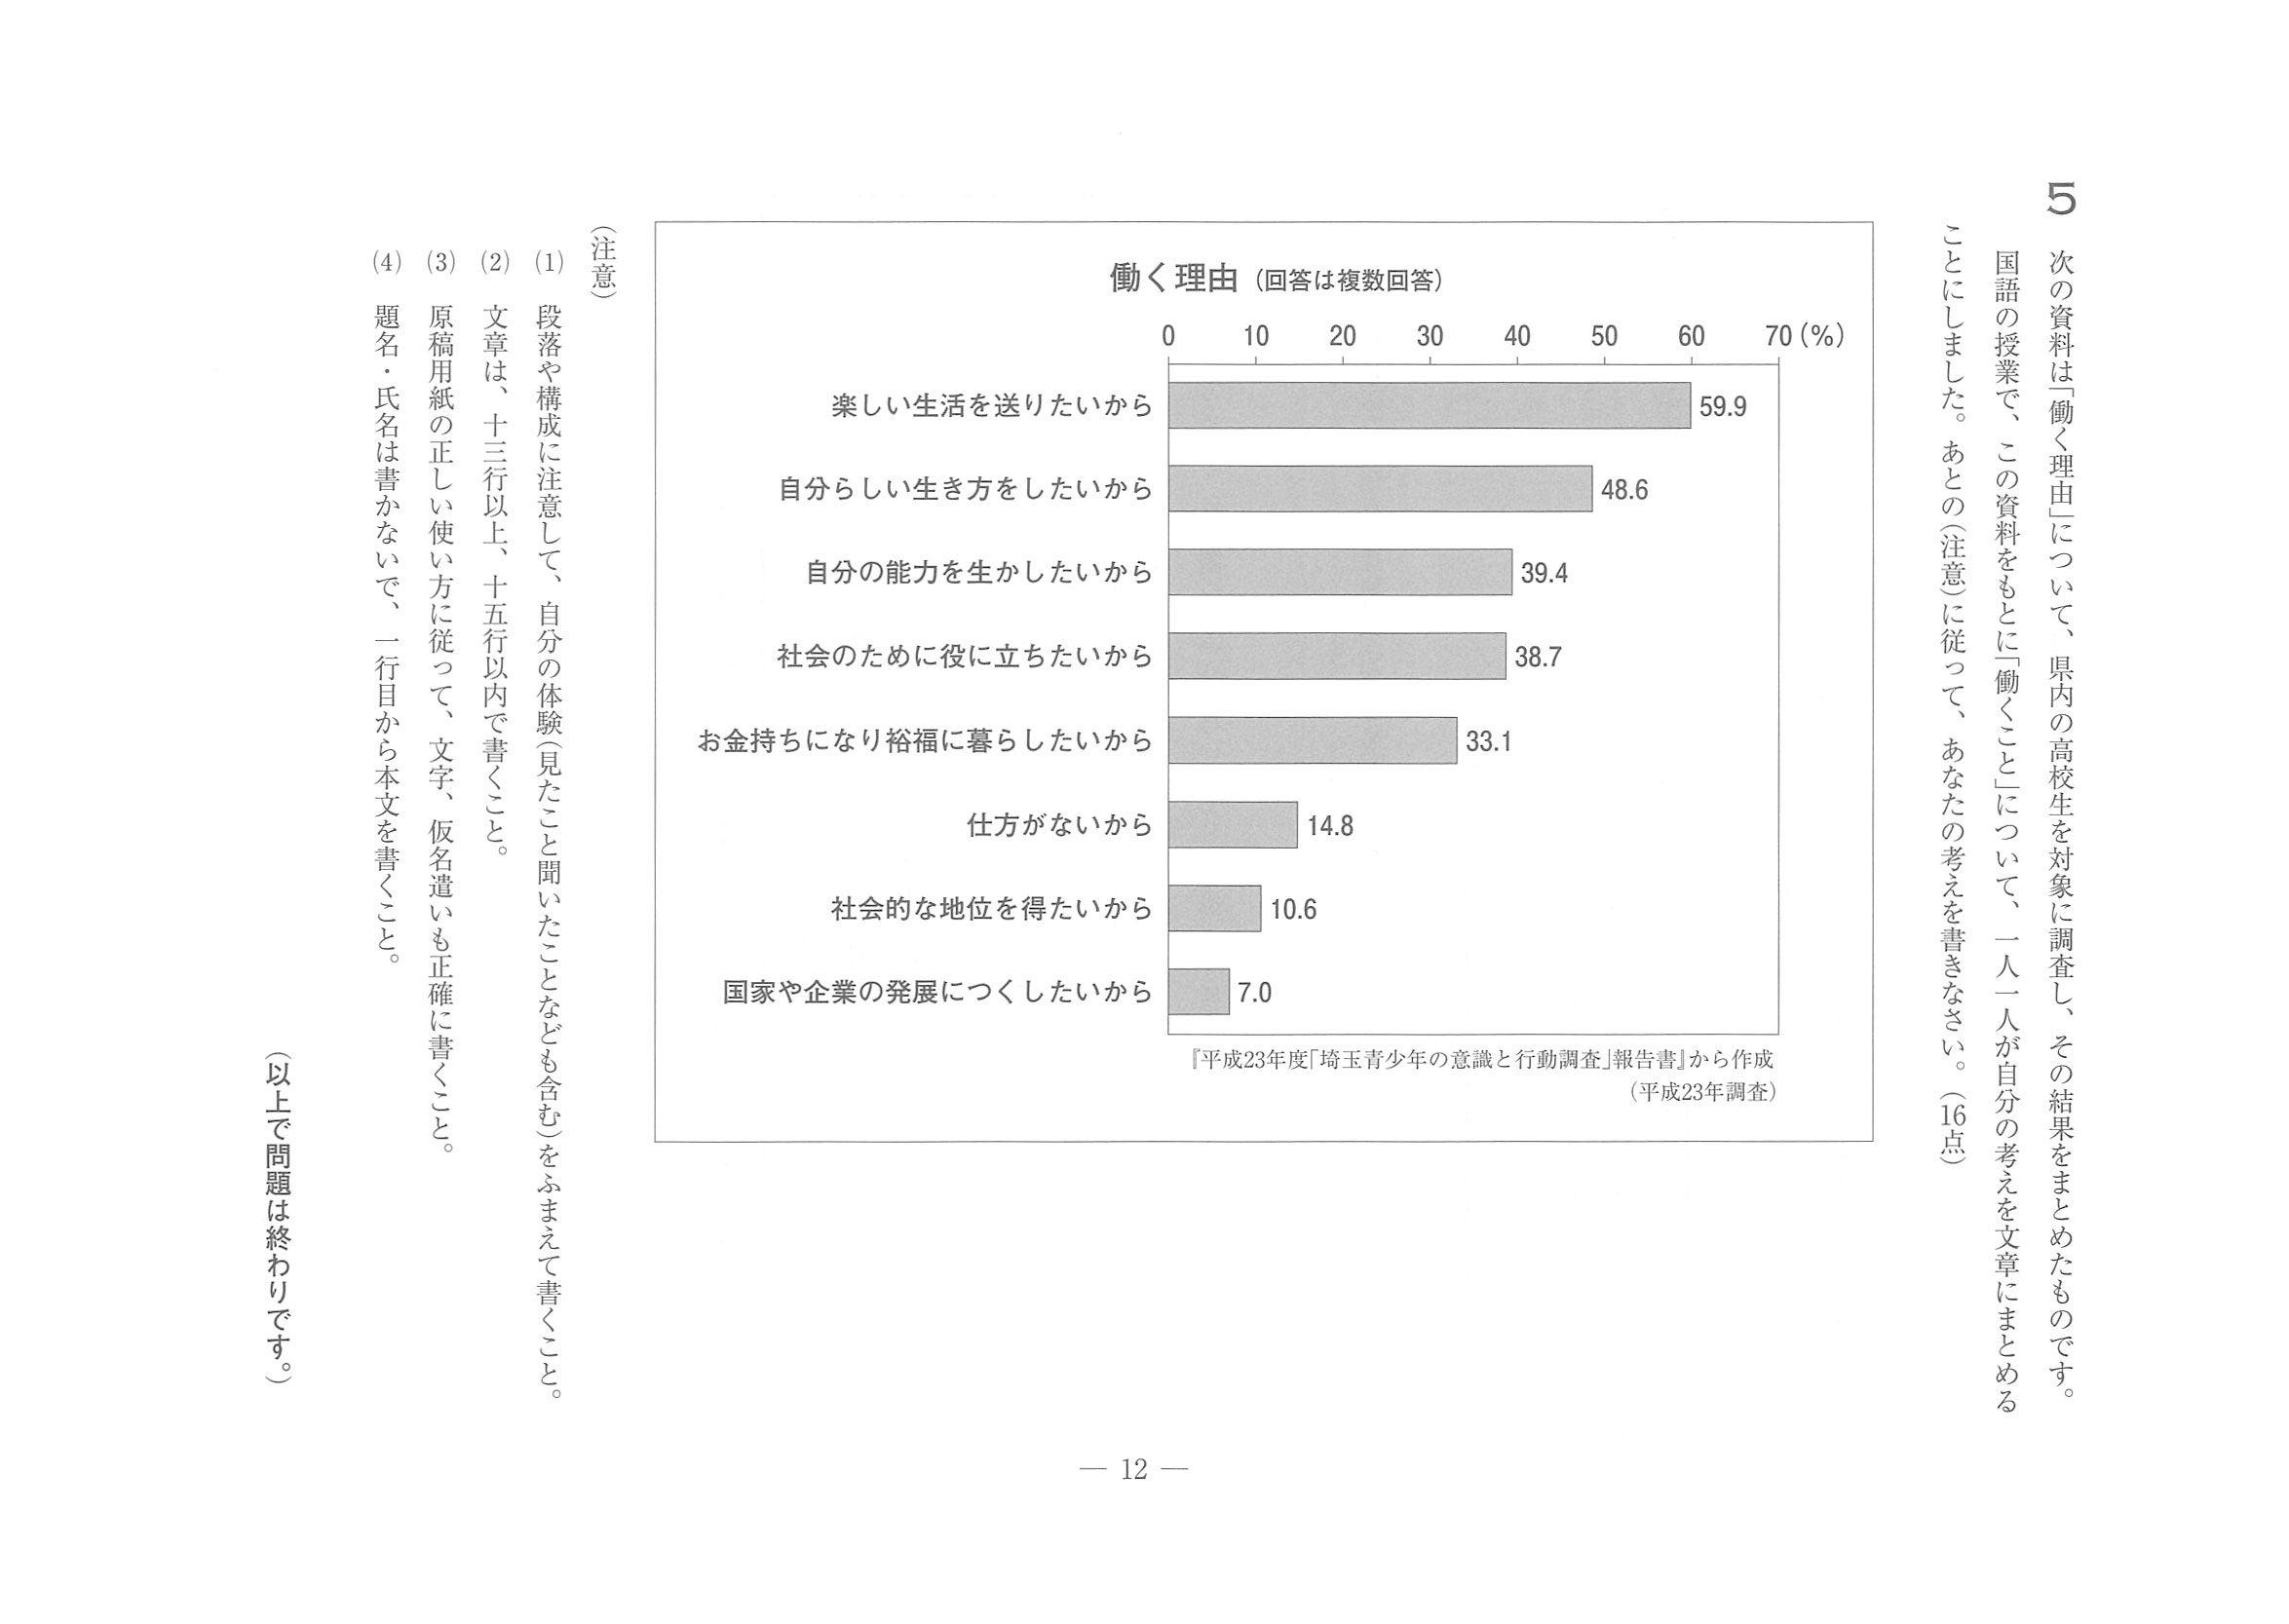 埼玉 県立 高校 入試 日程 埼玉県公立高校入試日程 2021年【令和3年度】|スタディクラブ情報局